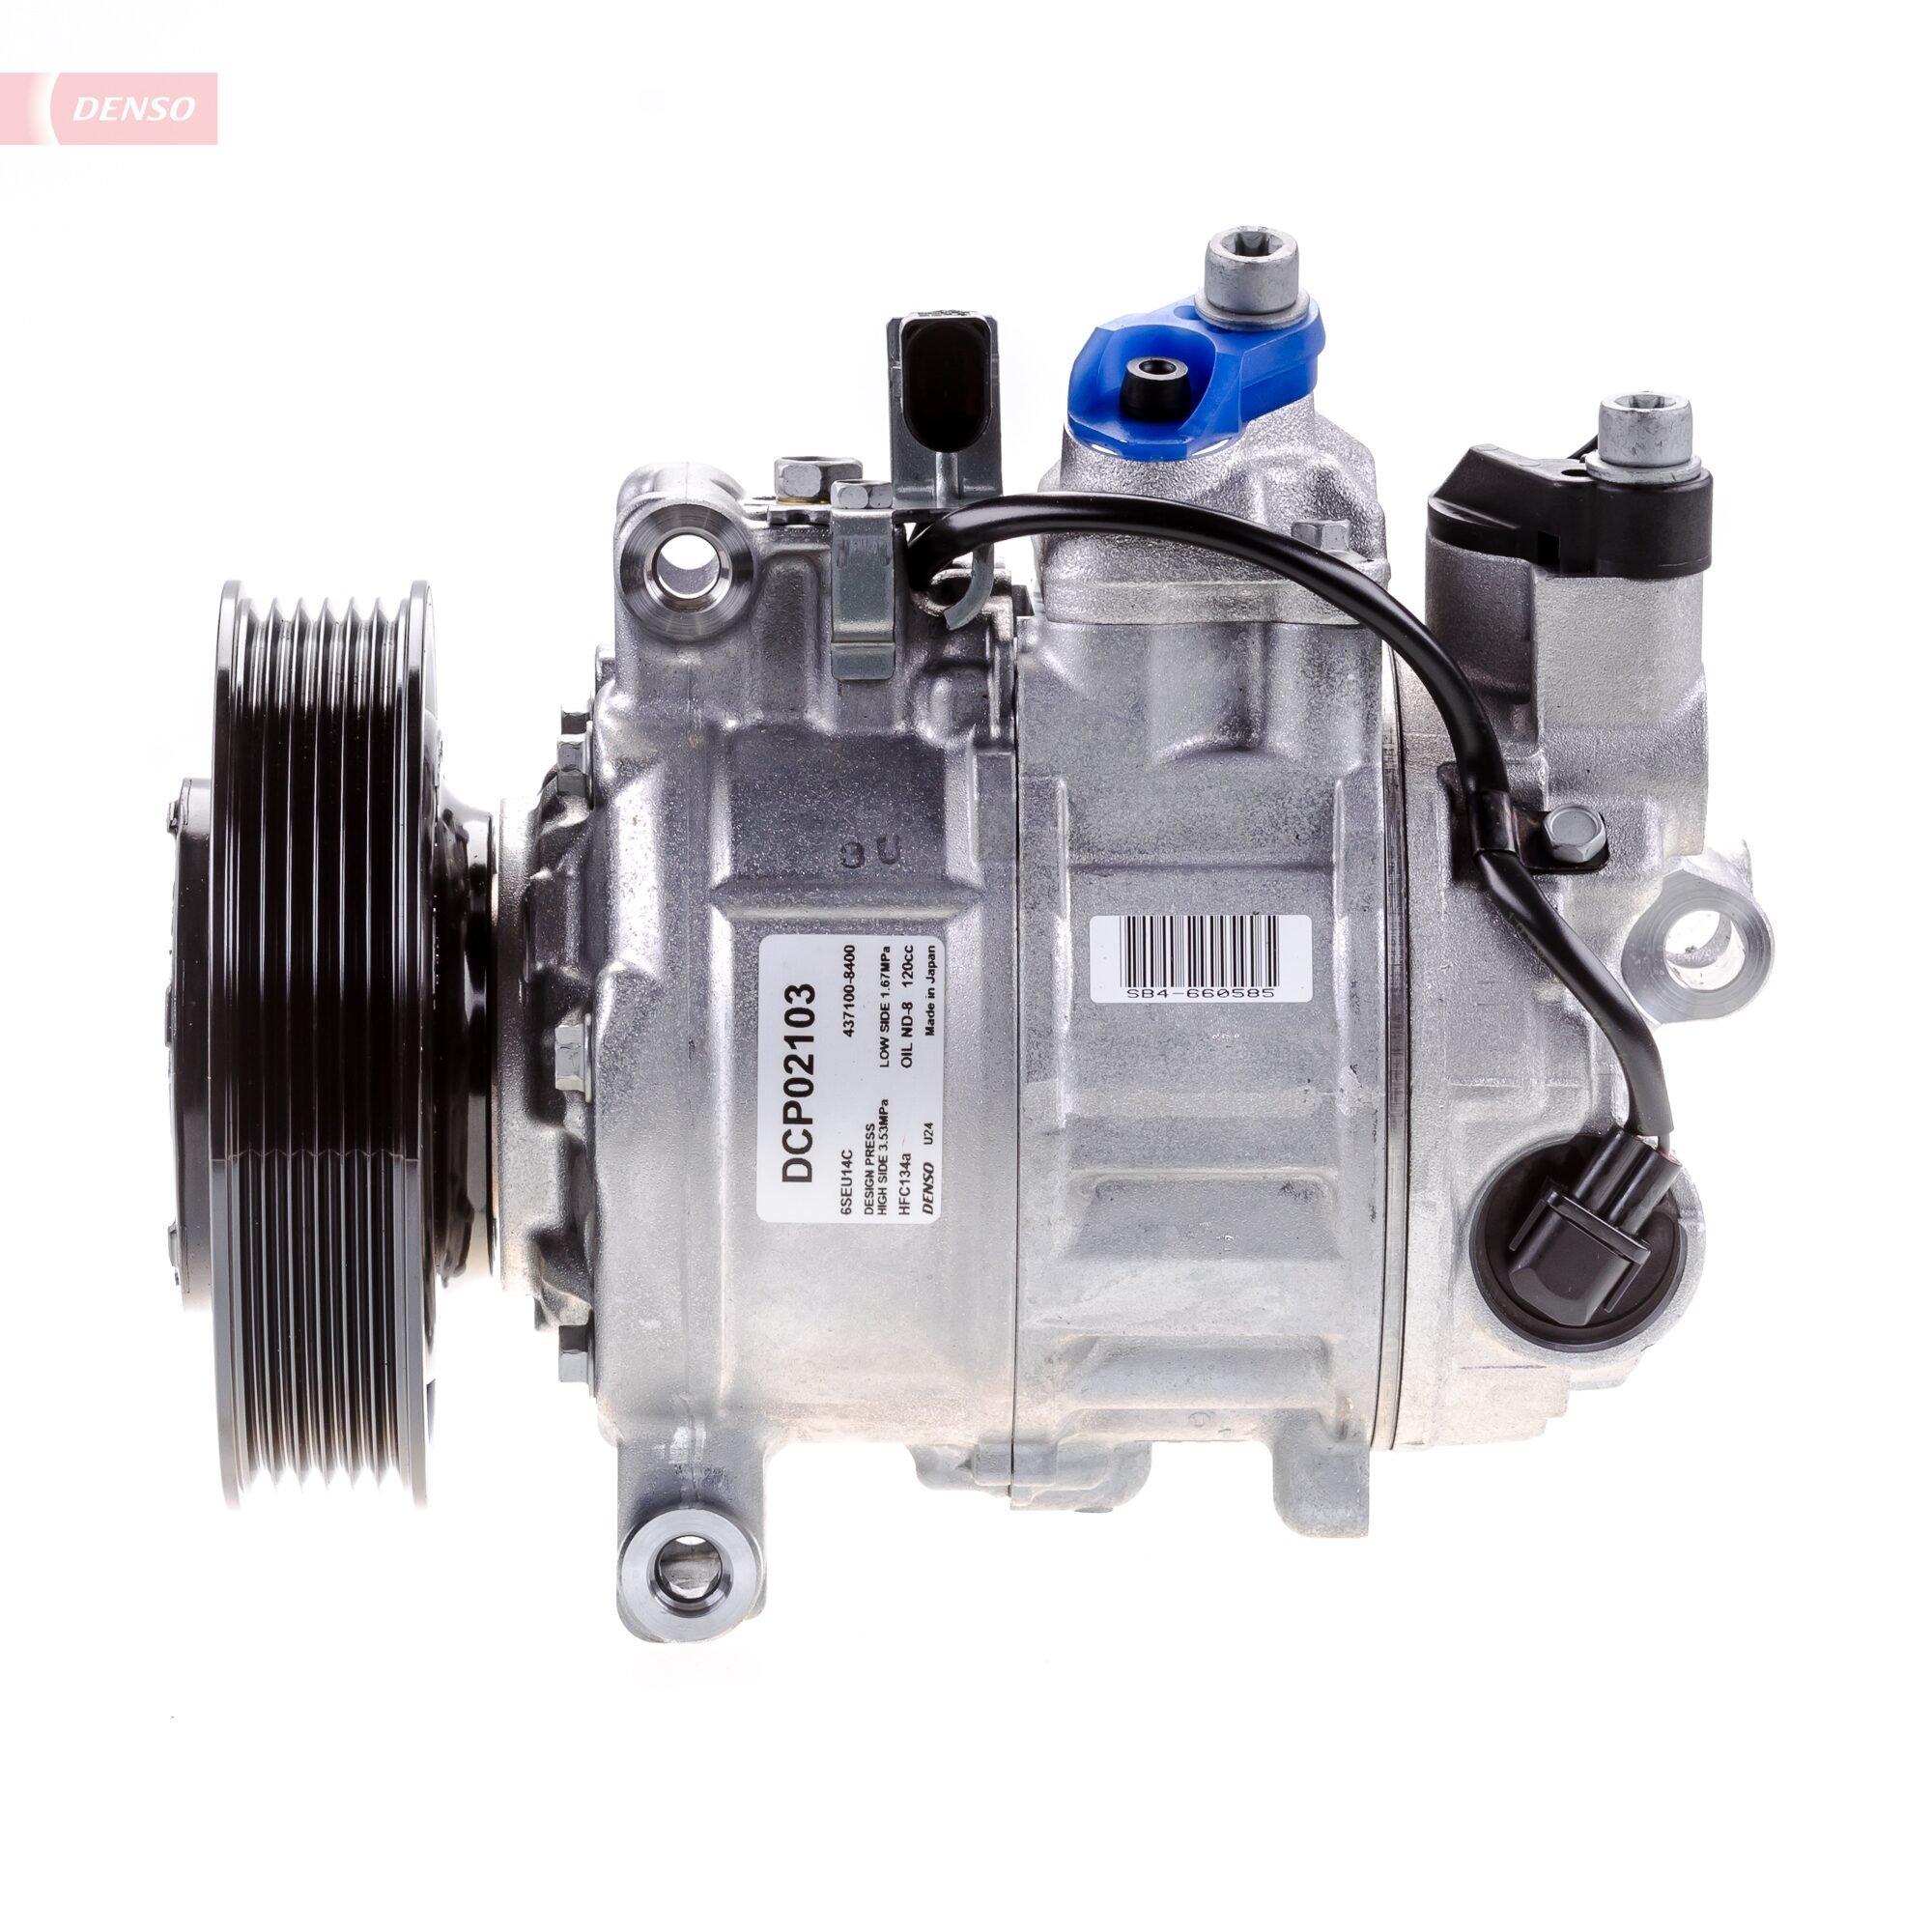 Kompressor, Klimaanlage DENSO DCP02103 Bild 4